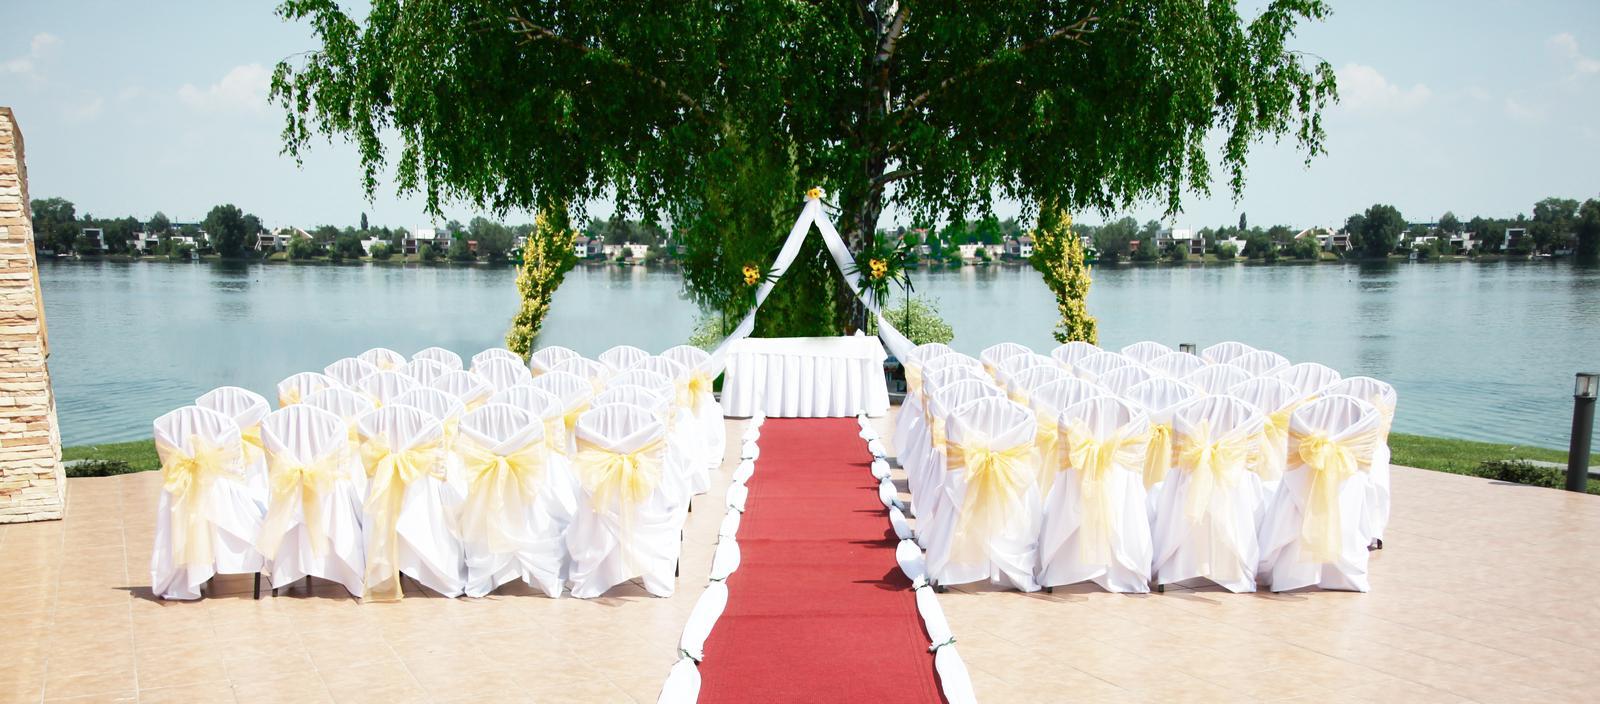 hotel_senec - Obrad na terase pri jazere